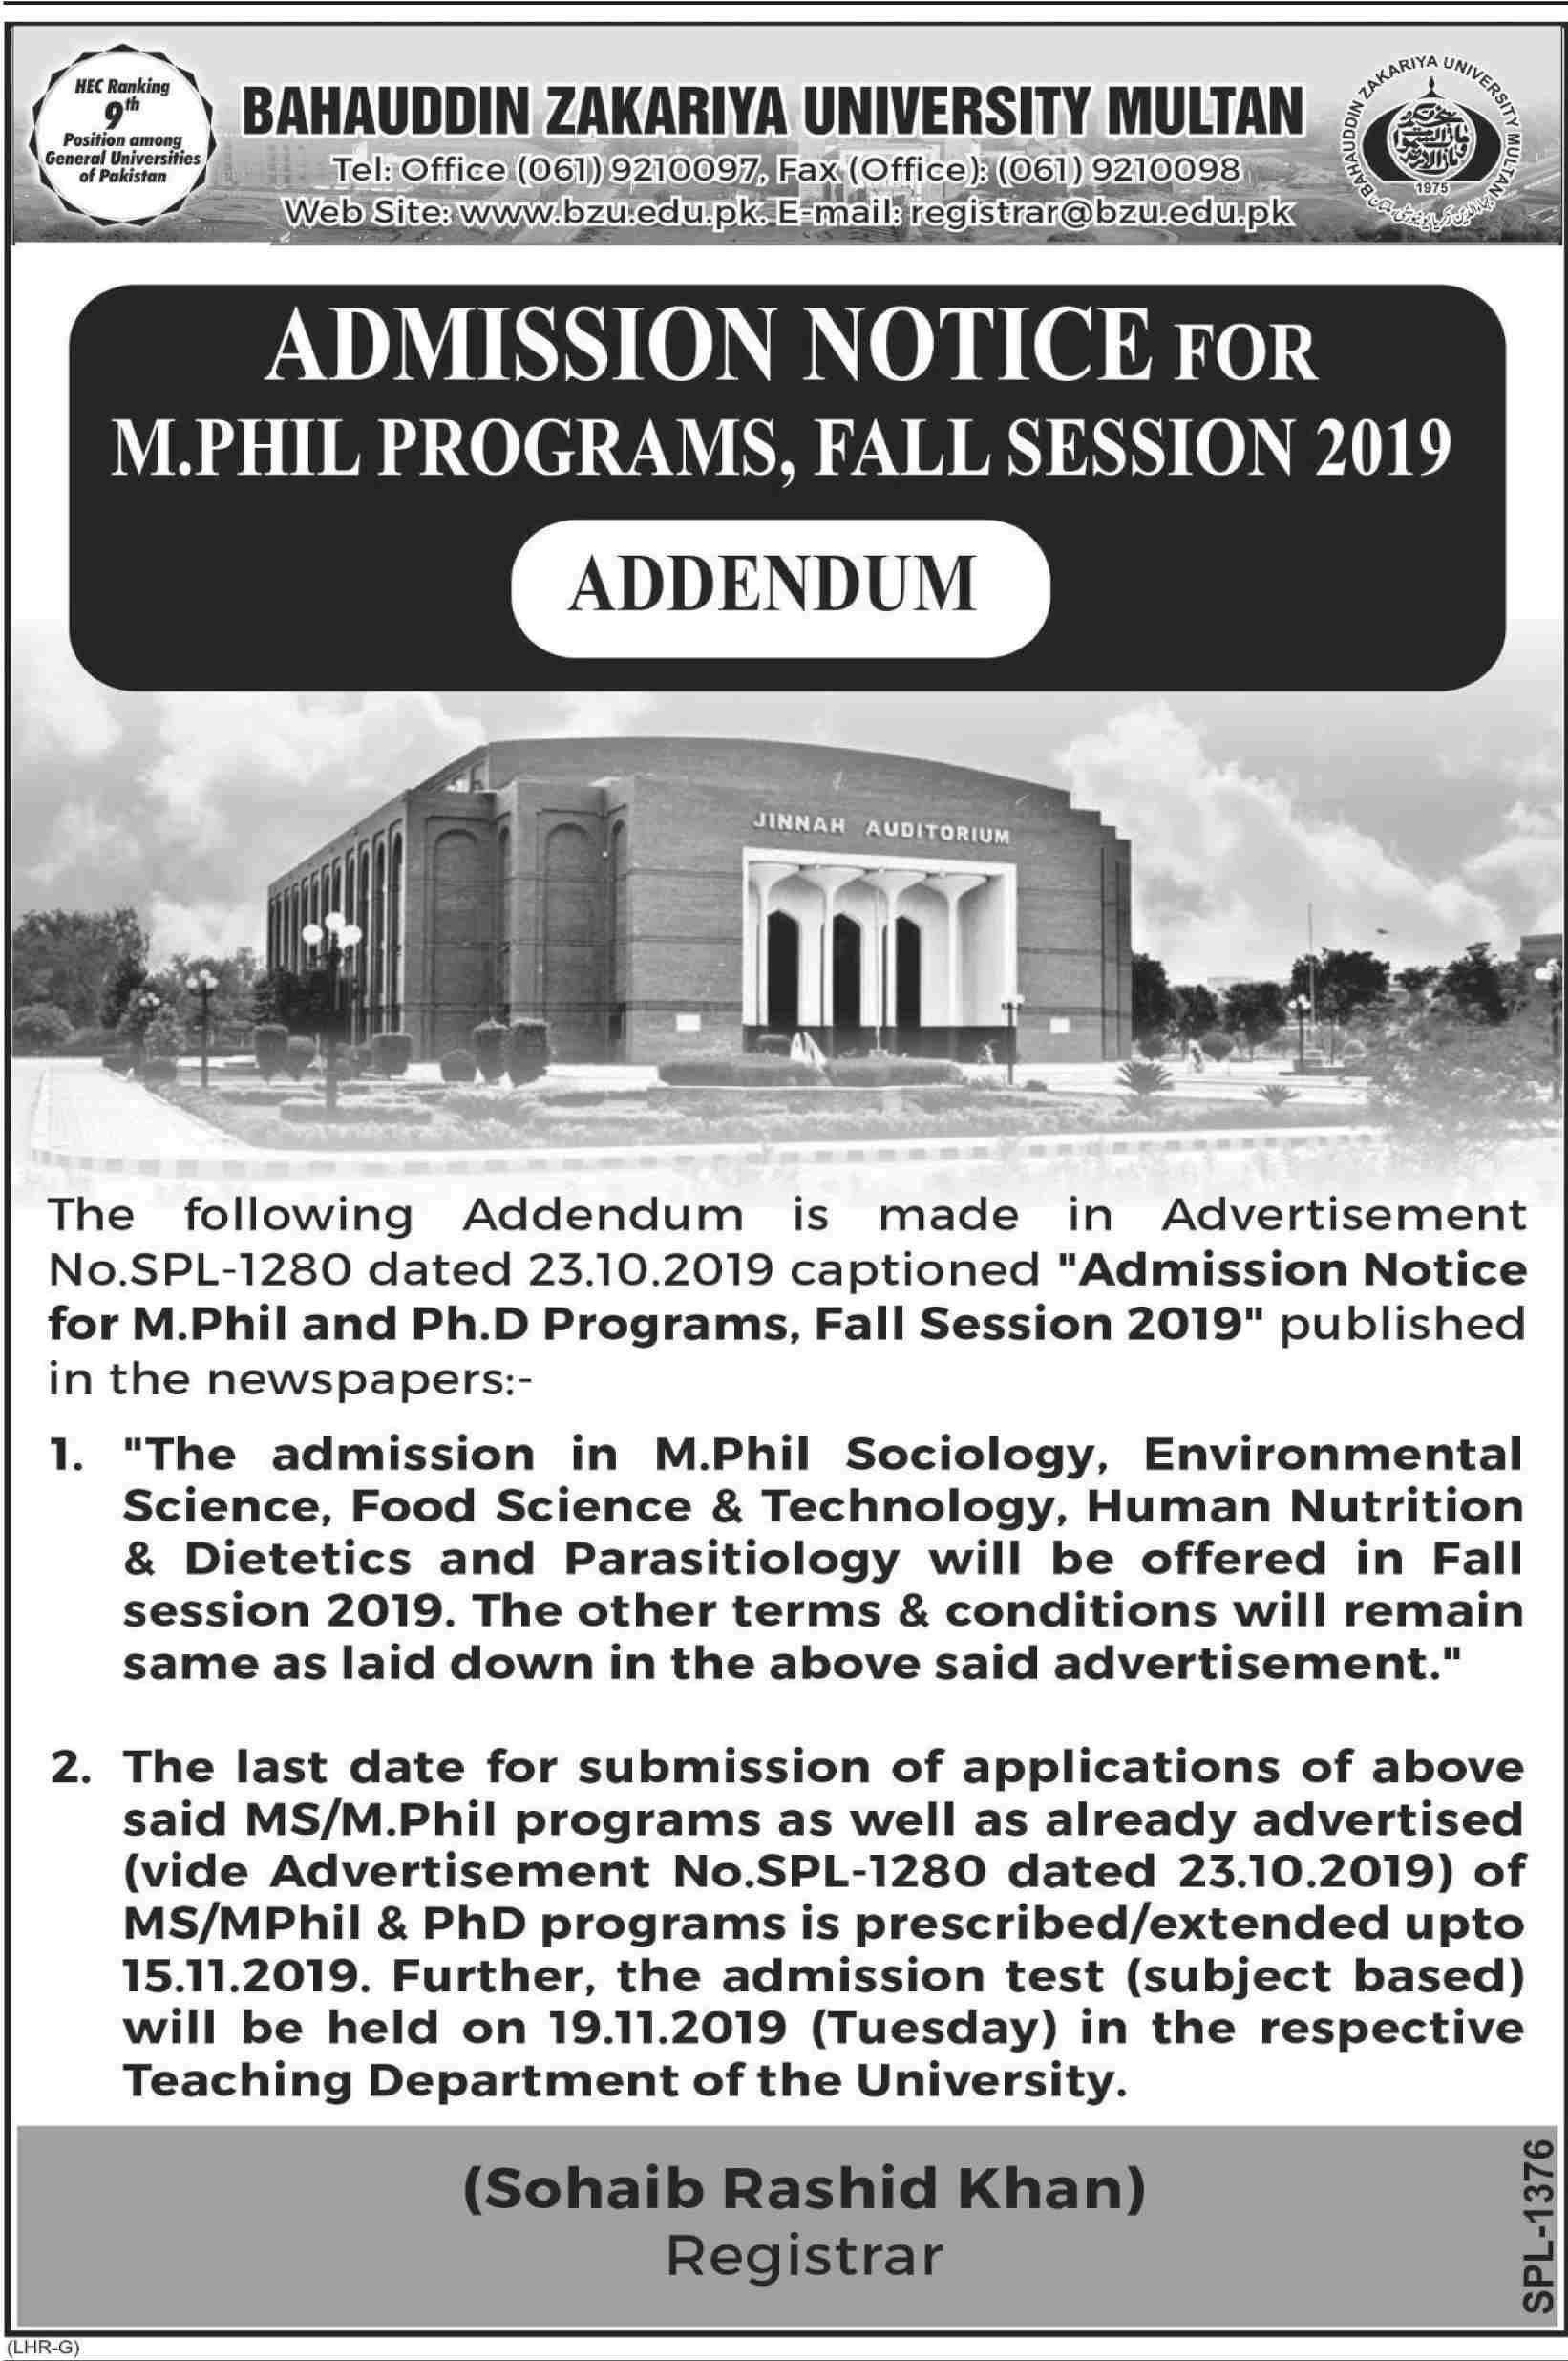 Bahauddin Zakariya University Multan M.Phil Admission 2019